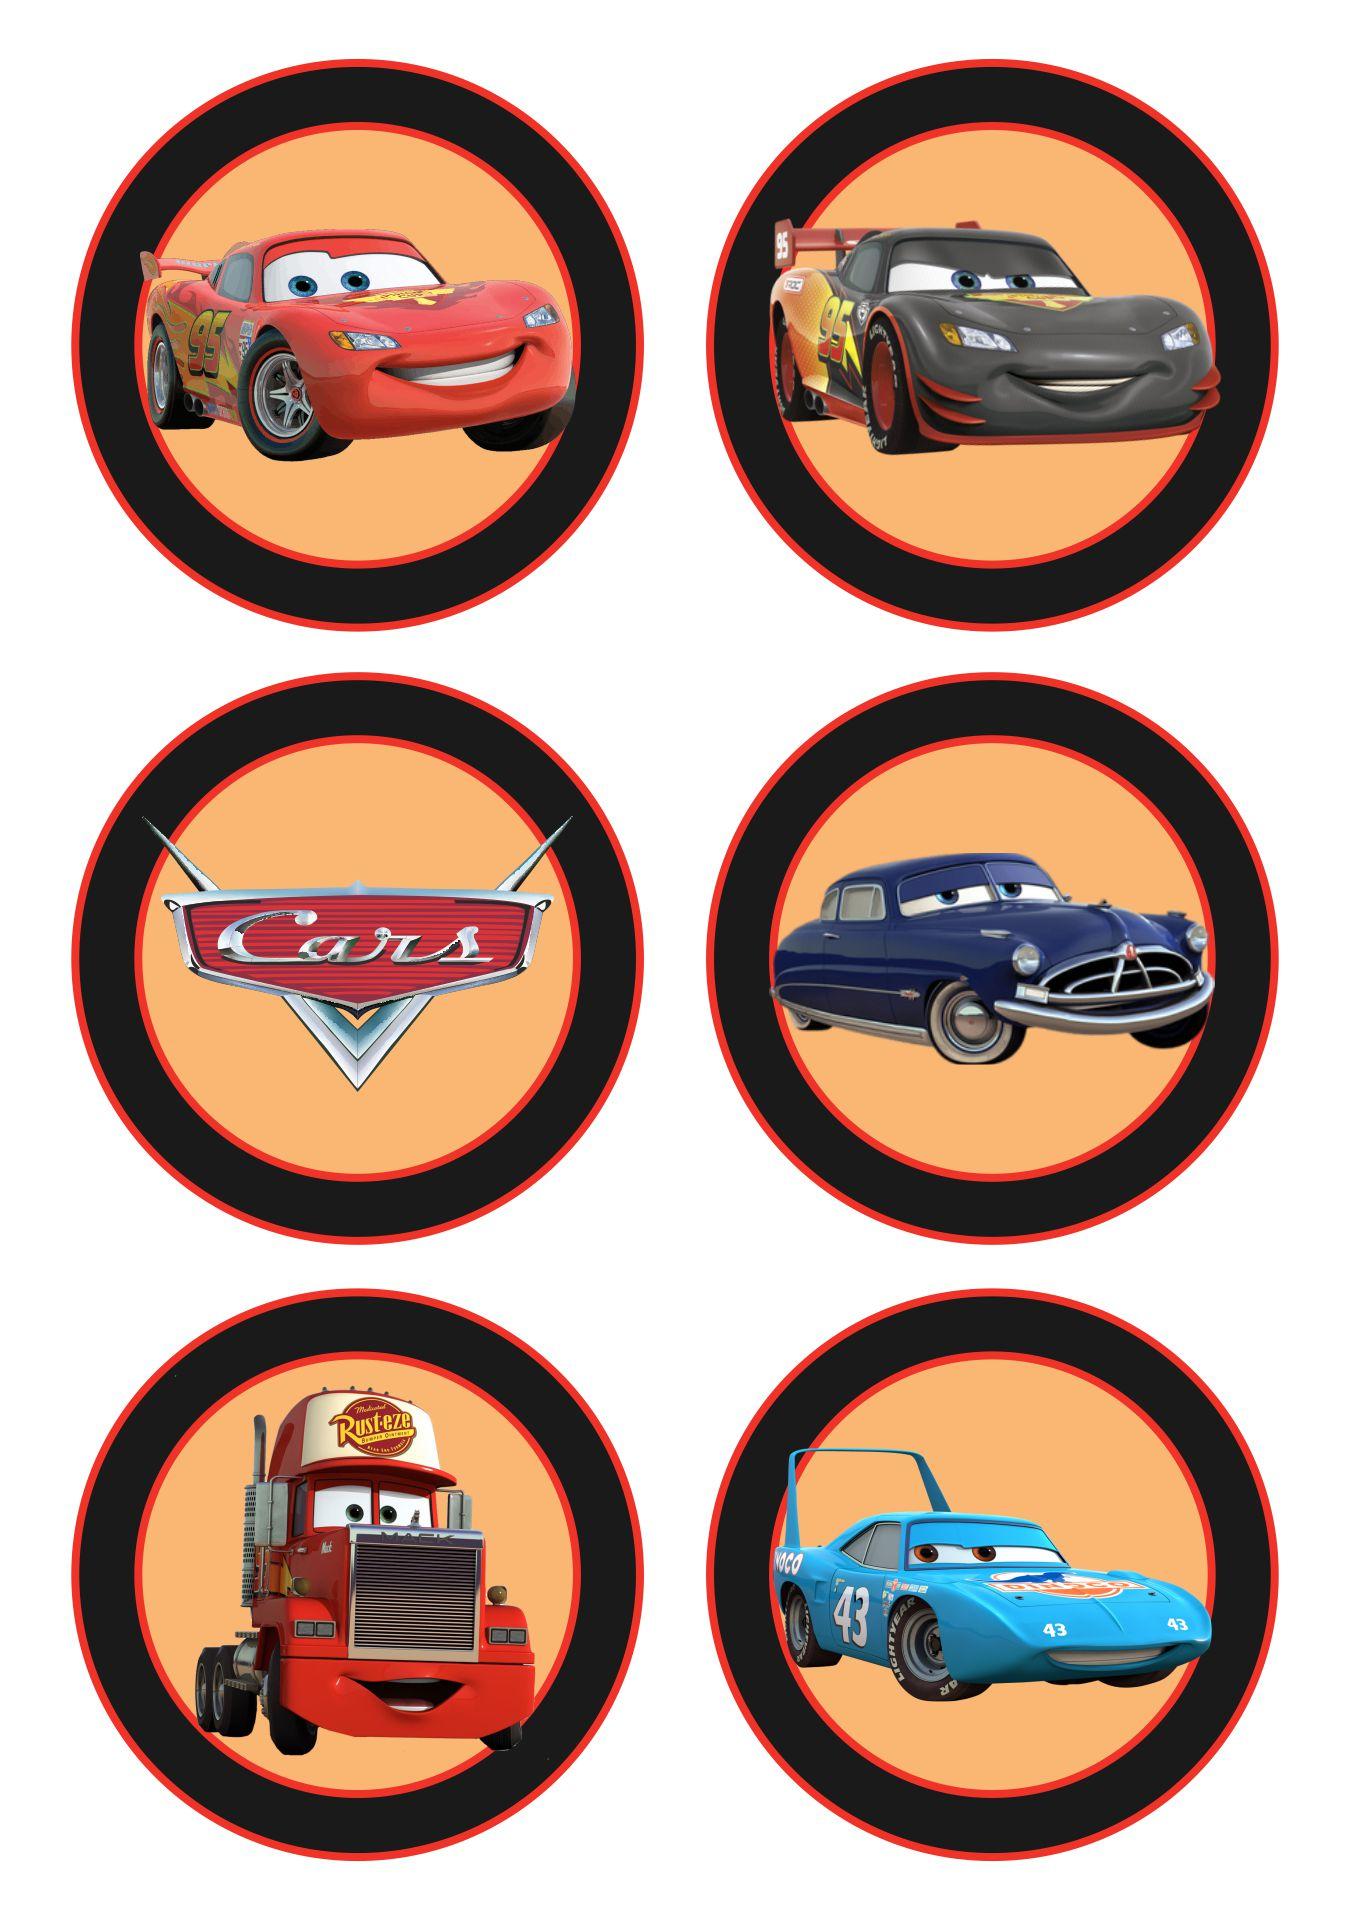 Disney Pixar Cars Cupcake Toppers